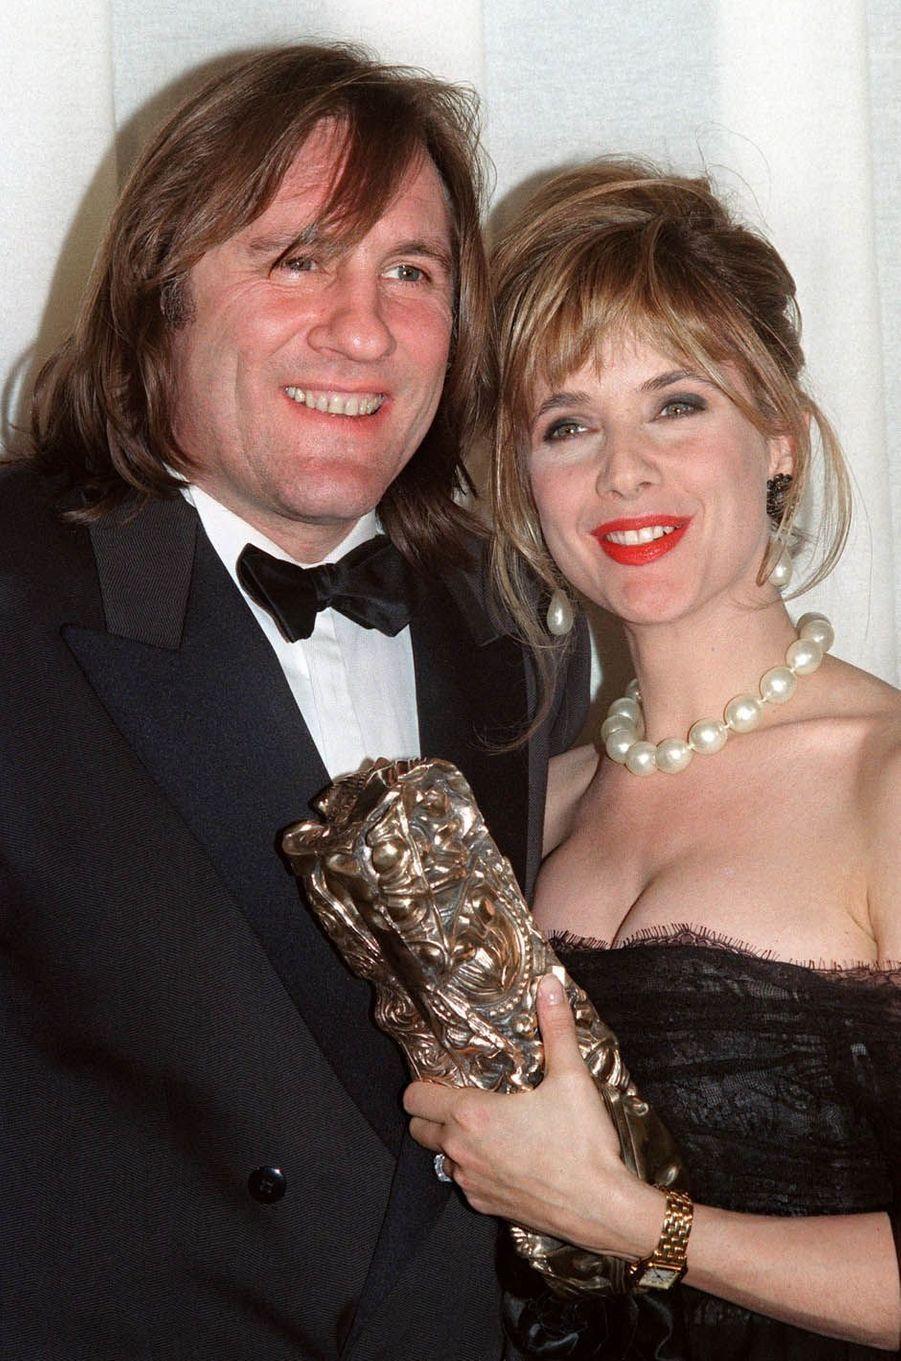 """Gérard Depardieu en compagnie de Rosanna Arquette après avoir reçu le César du meilleur acteur pour """"Cyrano de Bergerac"""" en 1991."""